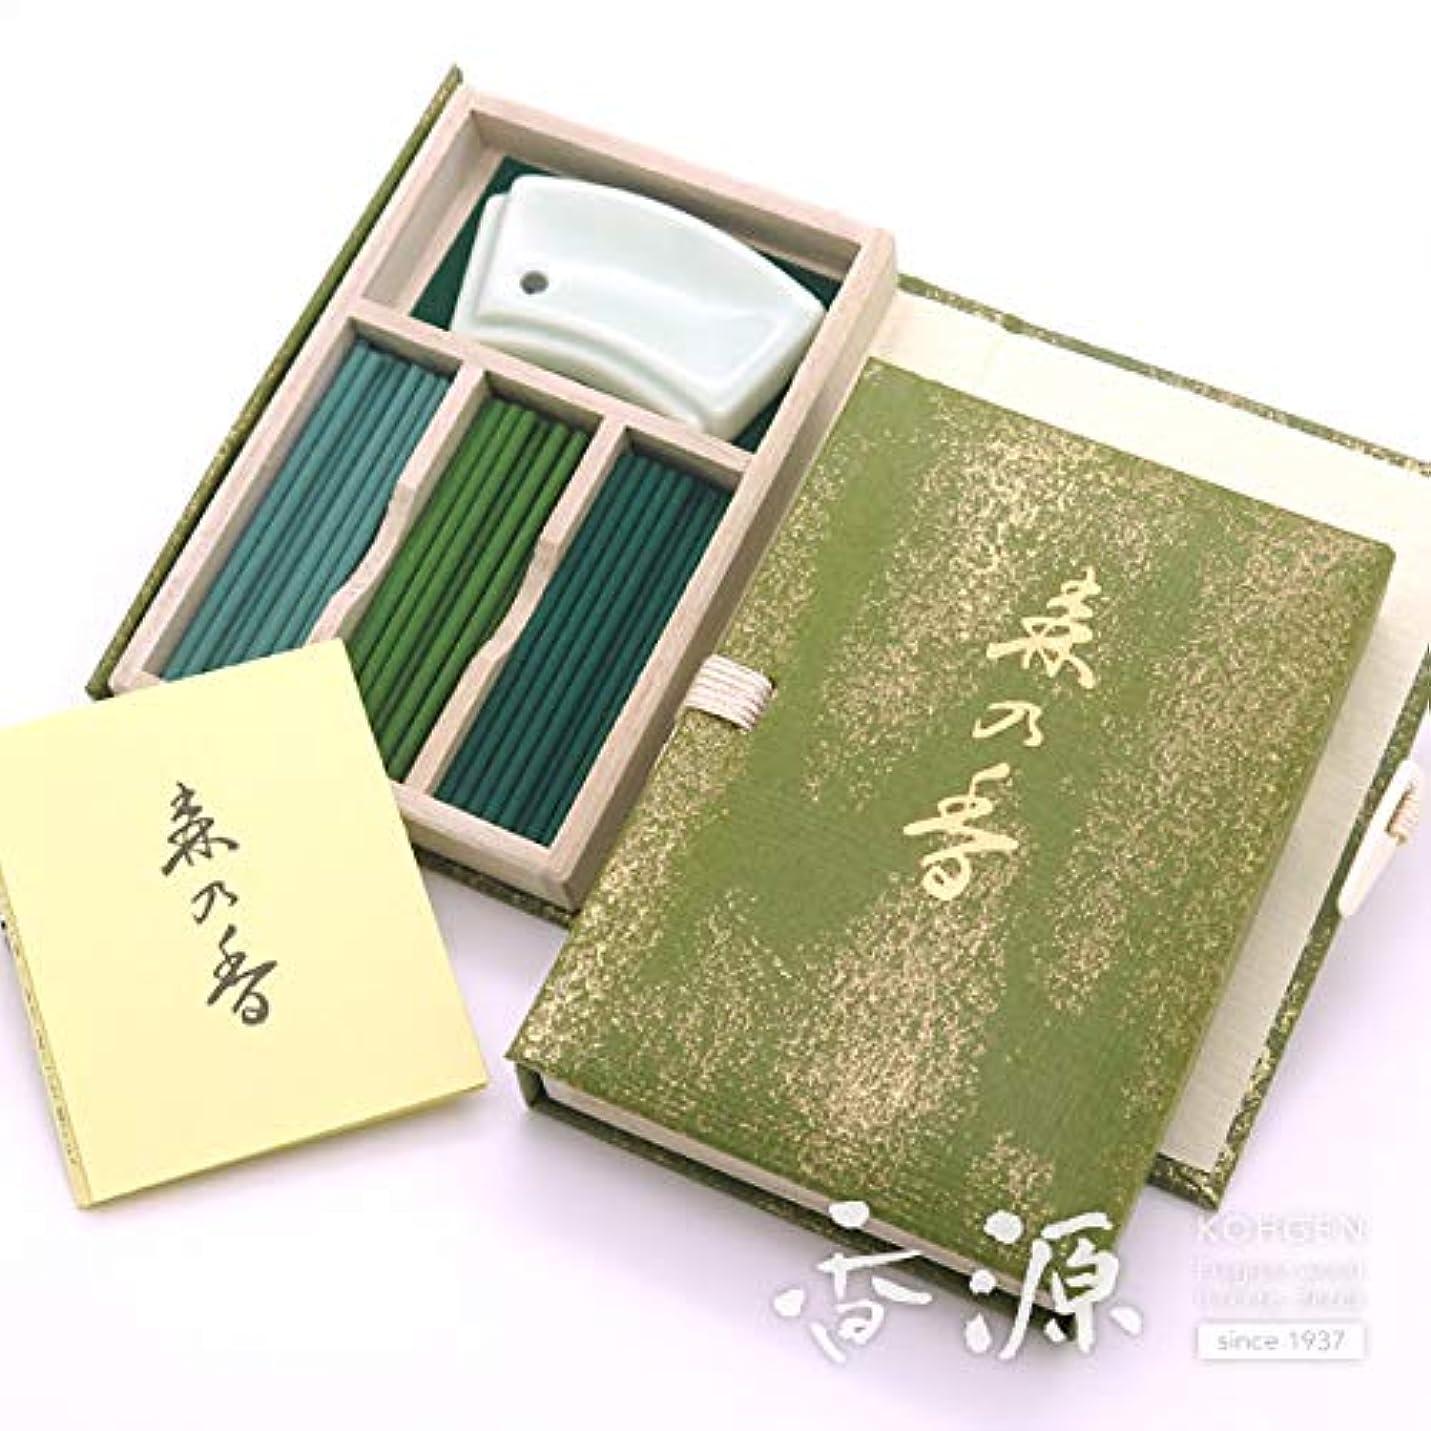 飼いならすうんざり感じ日本香堂のお香 森の香 スティックミニ寸文庫型 60本入り